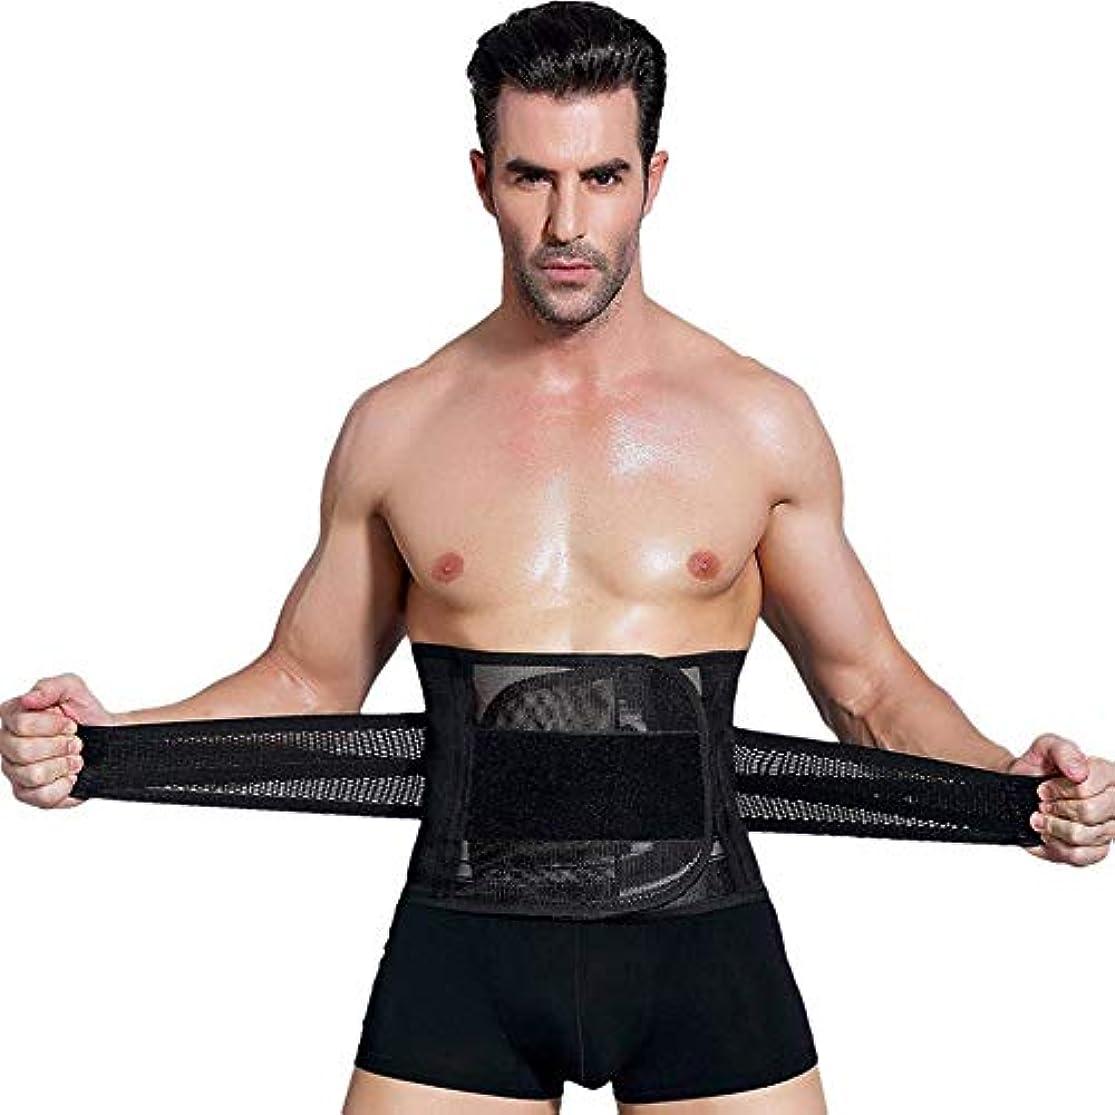 自己健全絶妙男性ボディシェイパーコルセット腹部おなかコントロールウエストトレーナーニッパー脂肪燃焼ガードル痩身腹ベルト用男性 - ブラックXXL